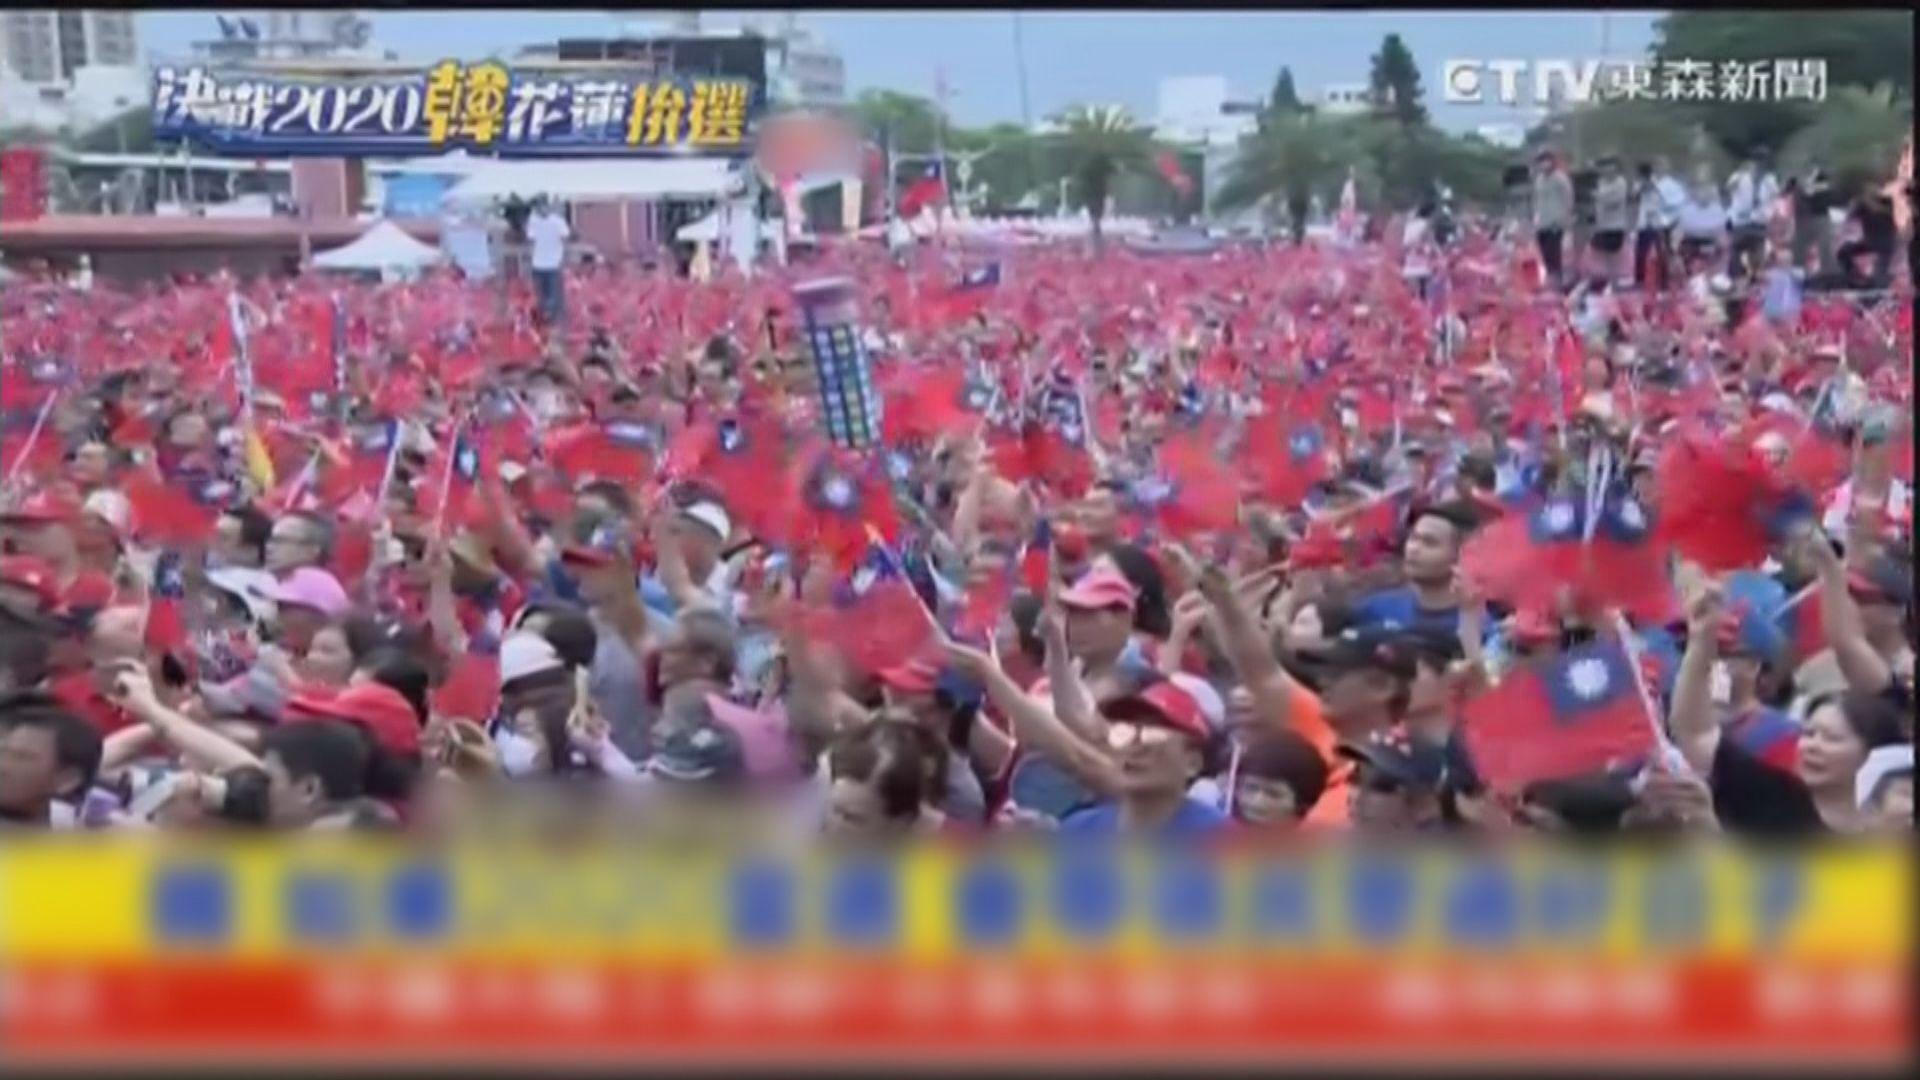 韓國瑜花蓮造勢大會十五萬人出席